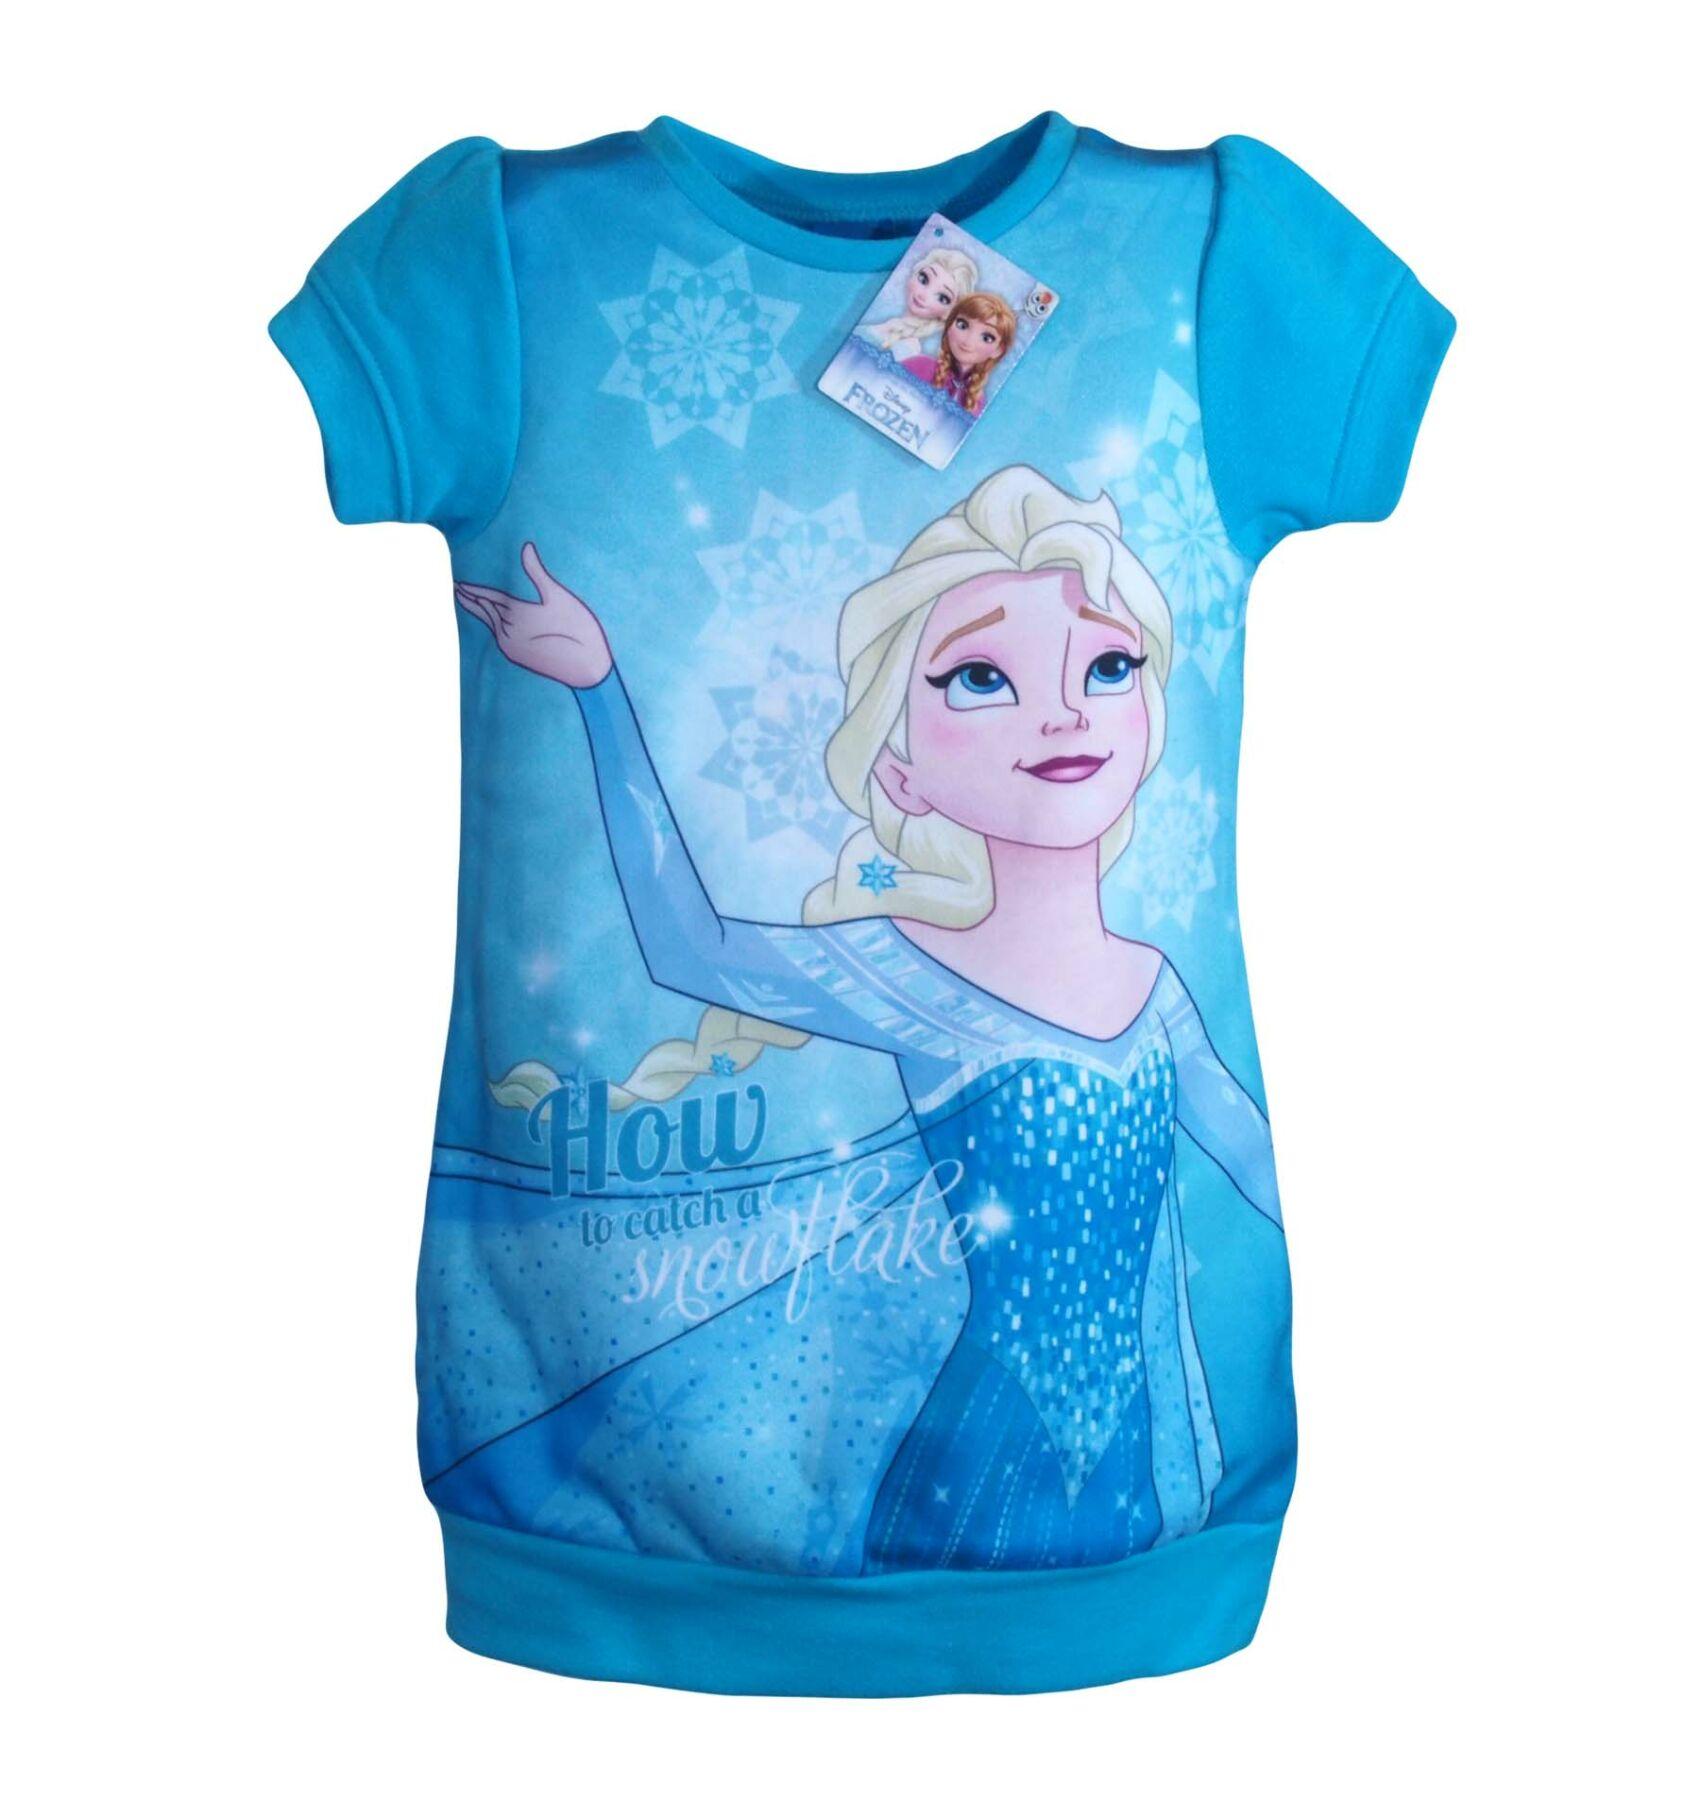 Minőségi gyerek ruhák Disney 57d03bfacf